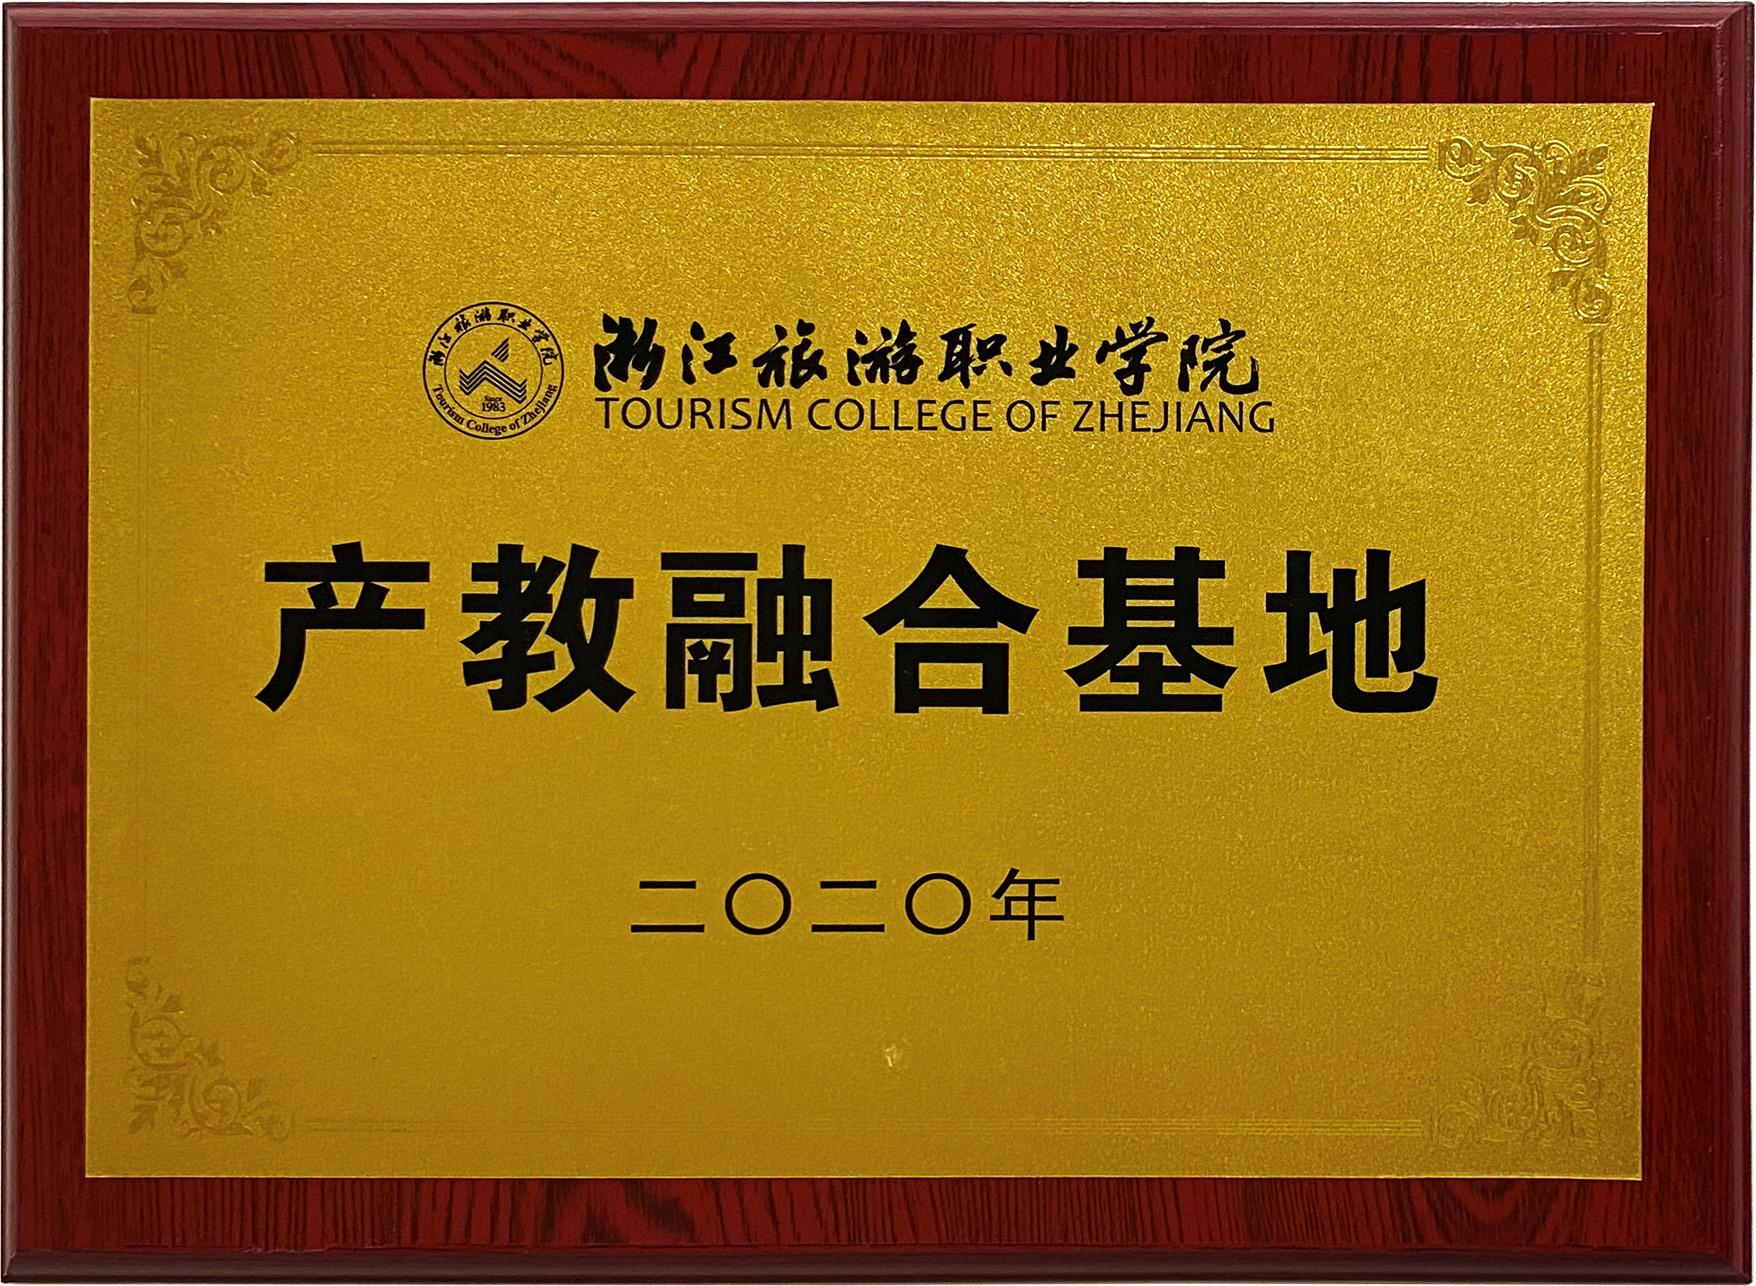 浙江旅游职业学院产教融合基地